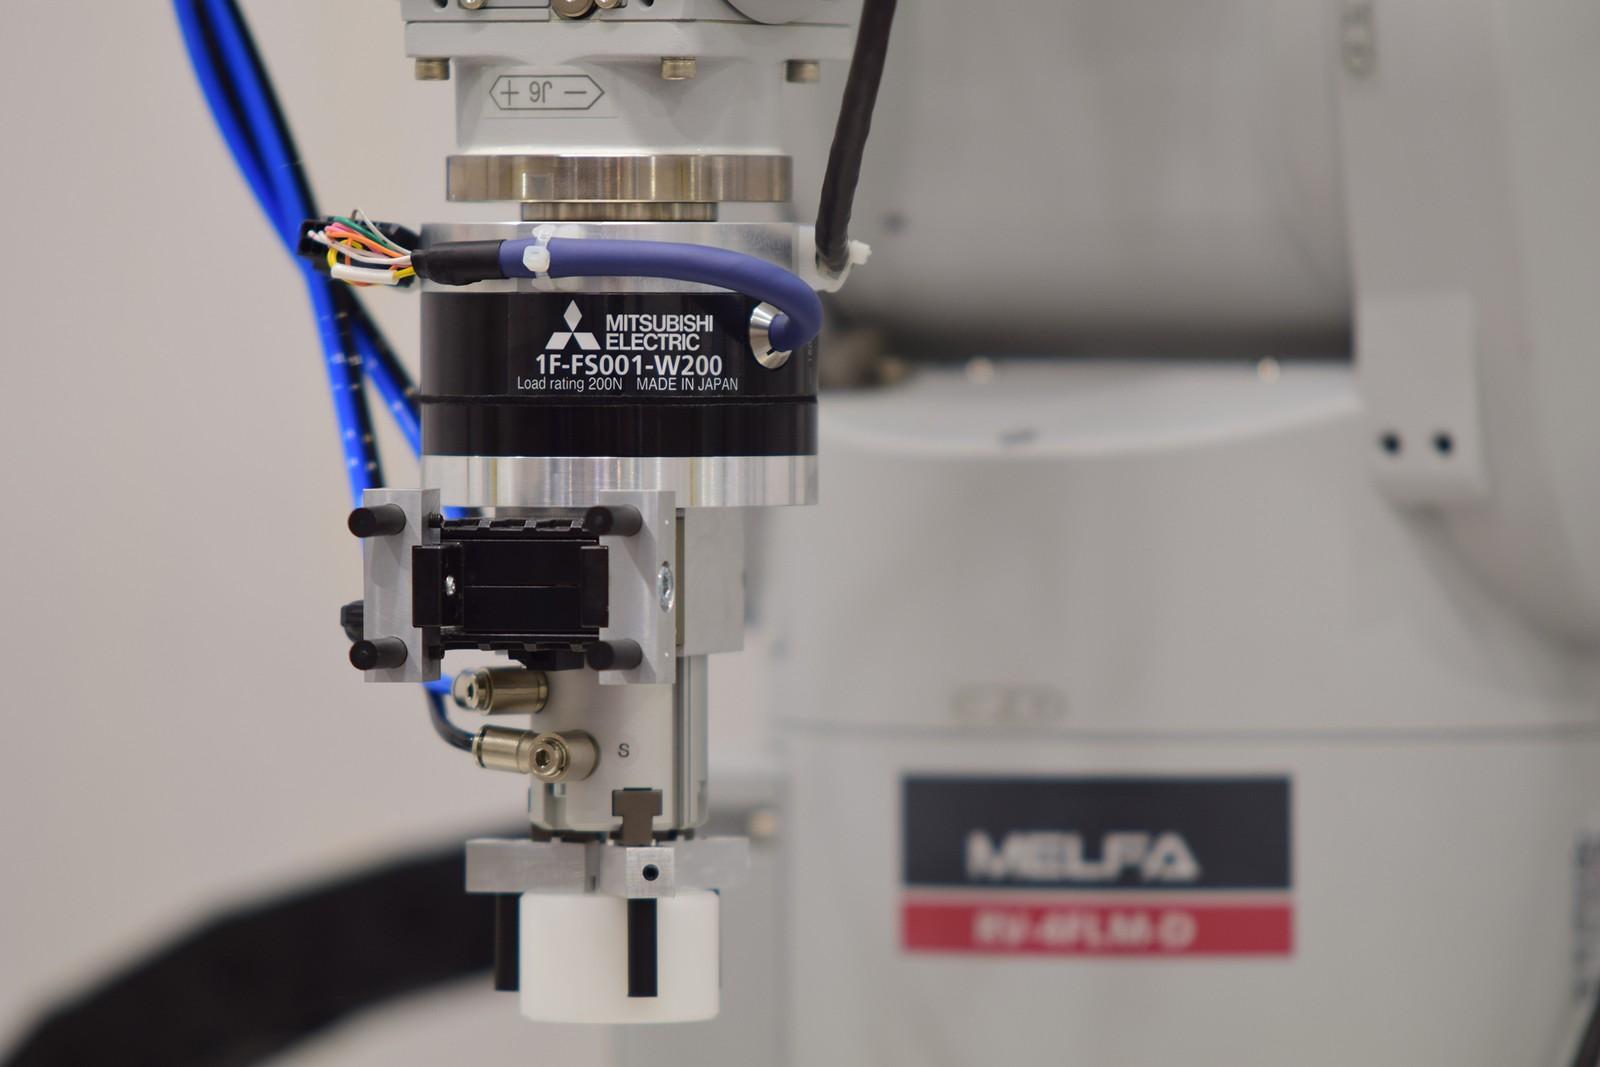 Die neuen Melfa Knickarm- und Scara-Roboter der Serien RV-FR und RH-FR von Mitsubishi Electric werden jetzt durch den Force Sensor unterstützt, der sich direkt in die Robotersteuerungen CR750/751 und CR800 integrieren lässt.